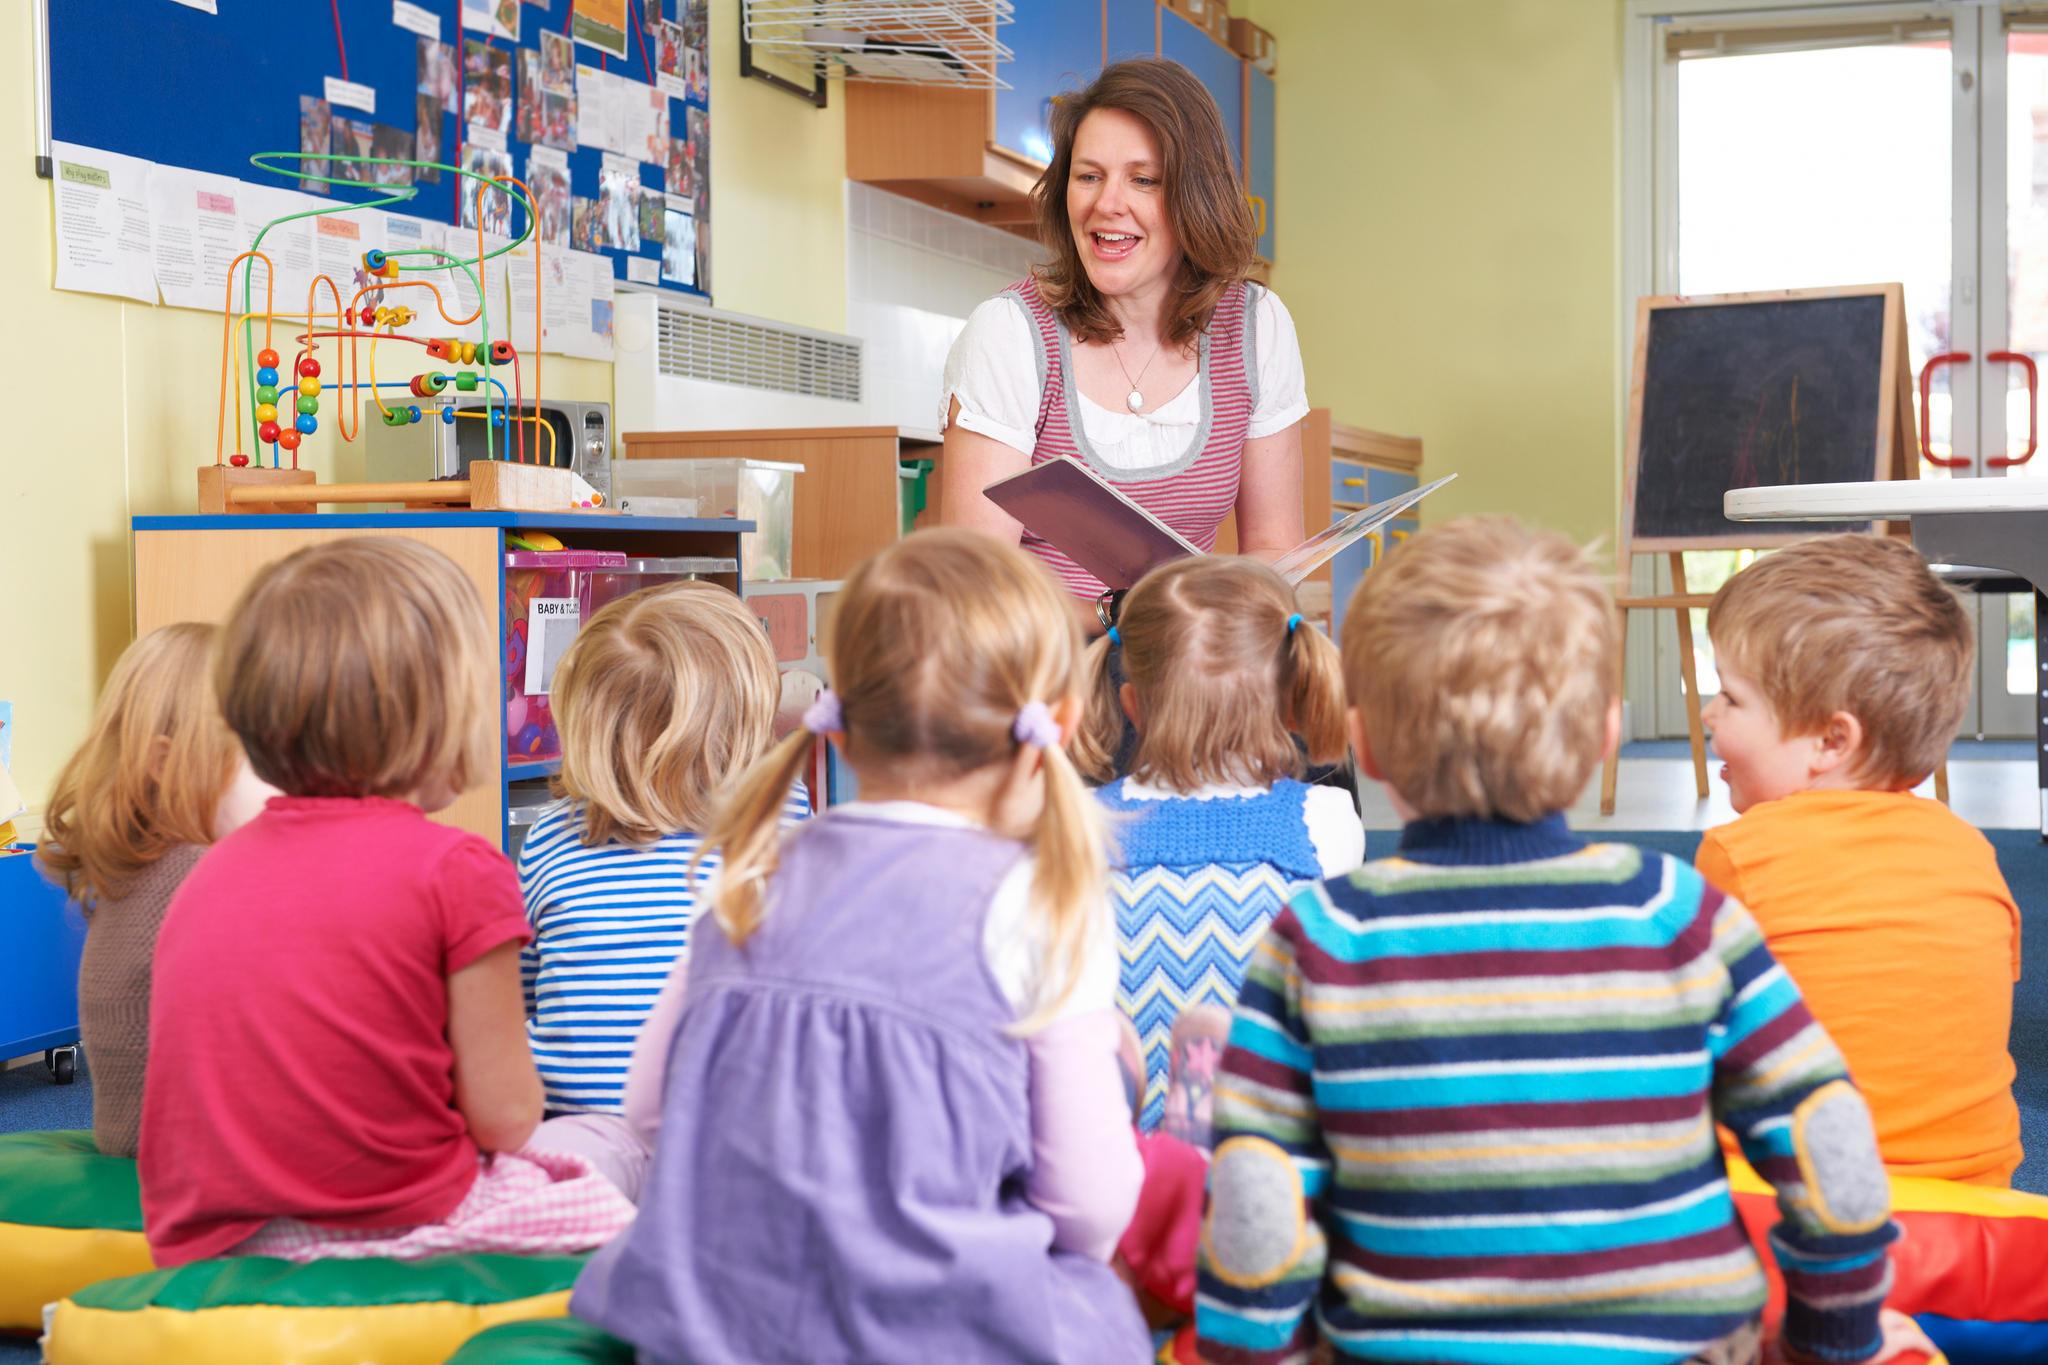 Erzieherin: Was verdient eigentlich ein Kindergärtner?   STERN.de